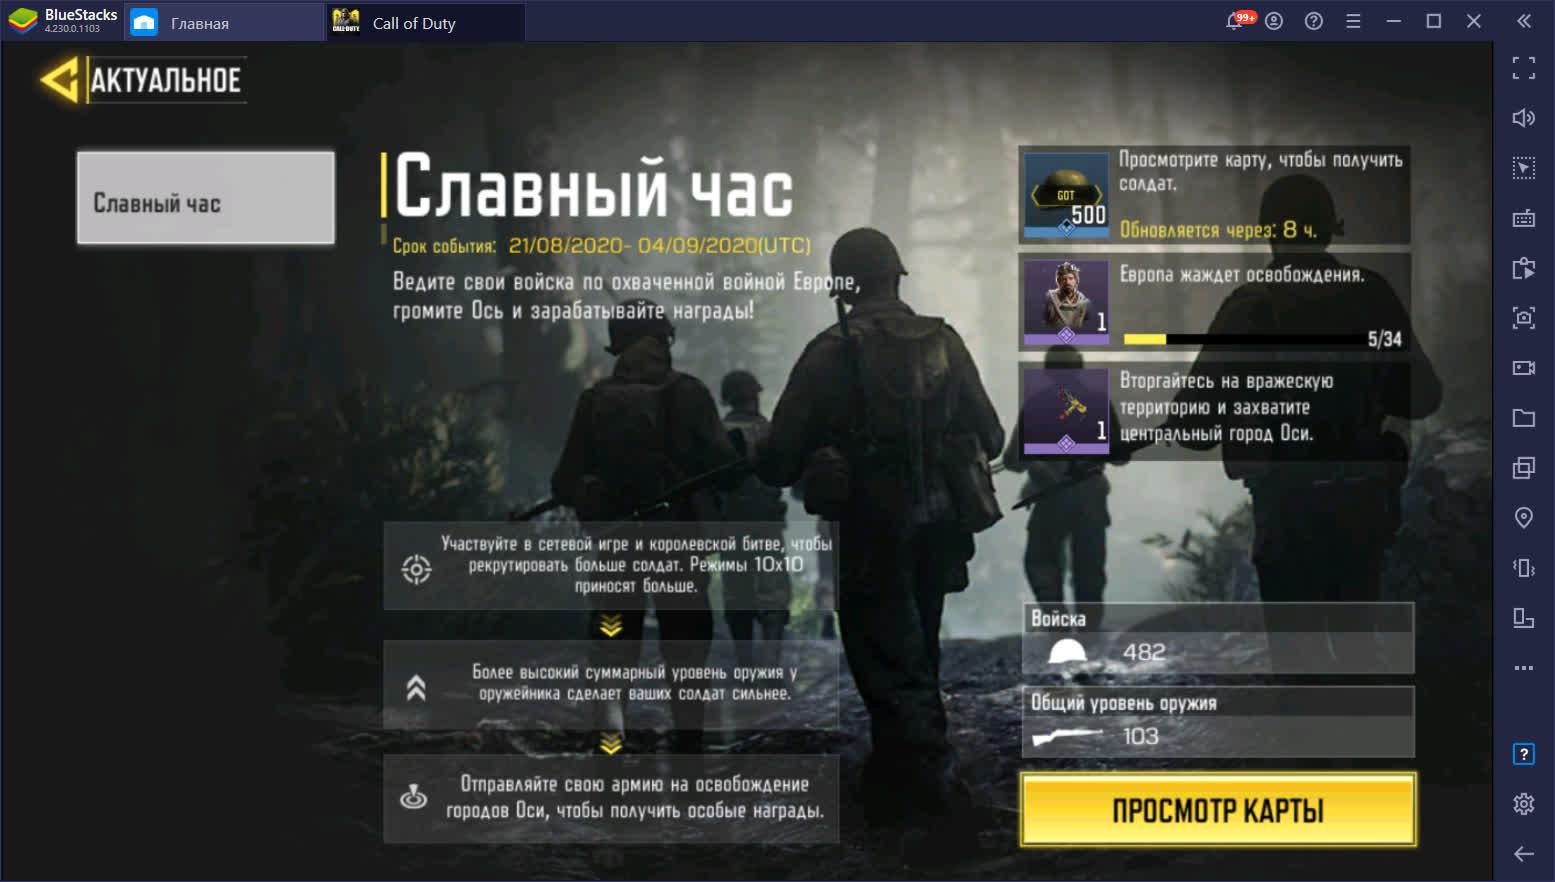 """Успейте принять участие в событии """"Славный час"""" в Call of Duty: Mobile!"""